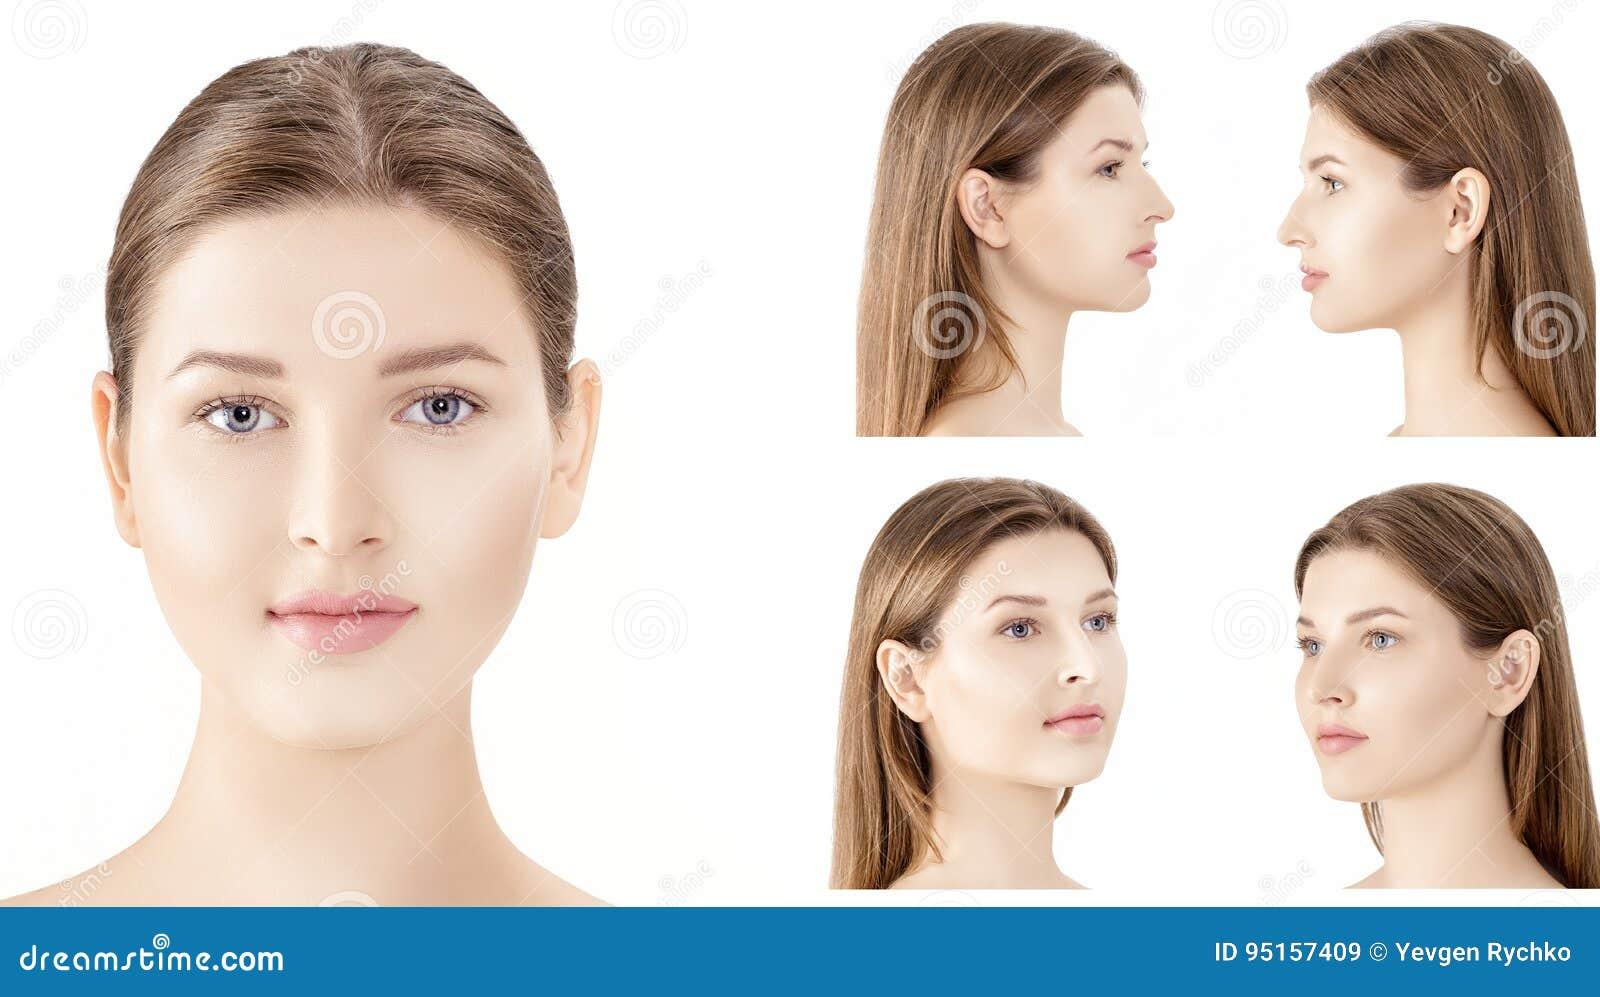 Satz des Profils und vordere Porträts der jungen Frau lokalisiert auf weißem Hintergrund cosmetology